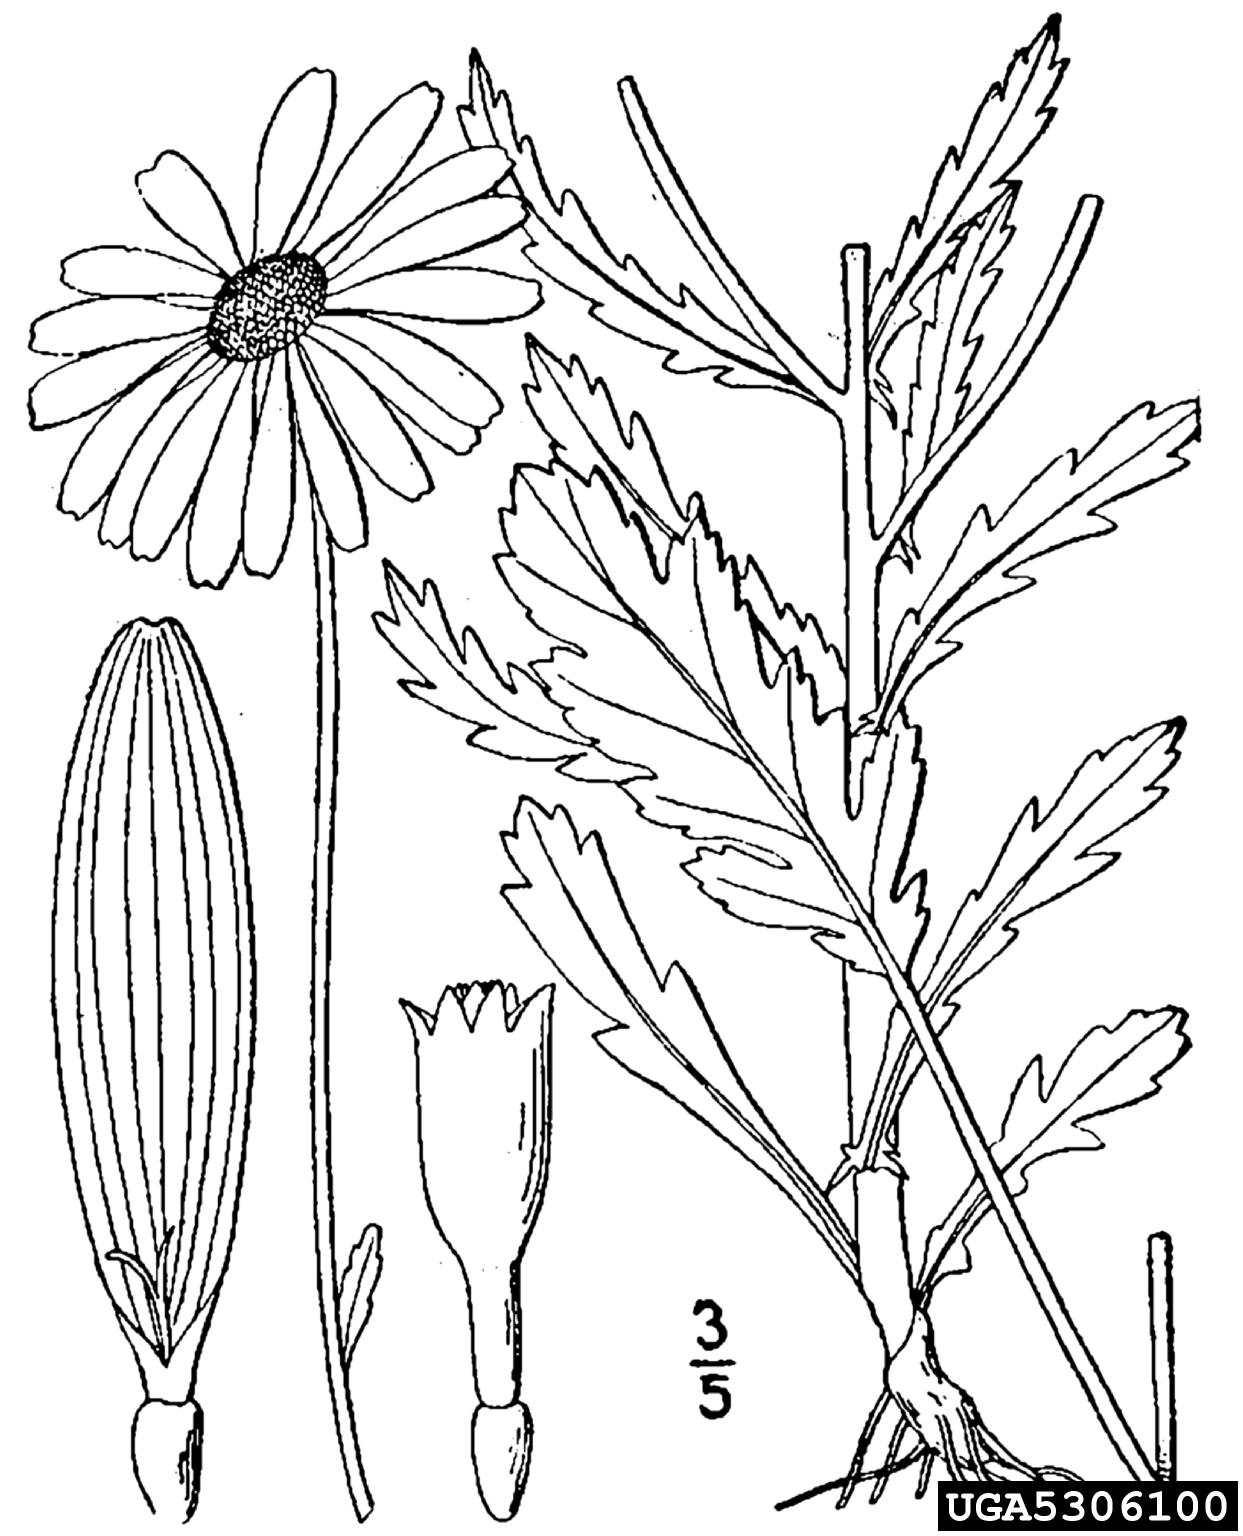 oxeye daisy: Leucanthemum vulgare (Asterales: Asteraceae)